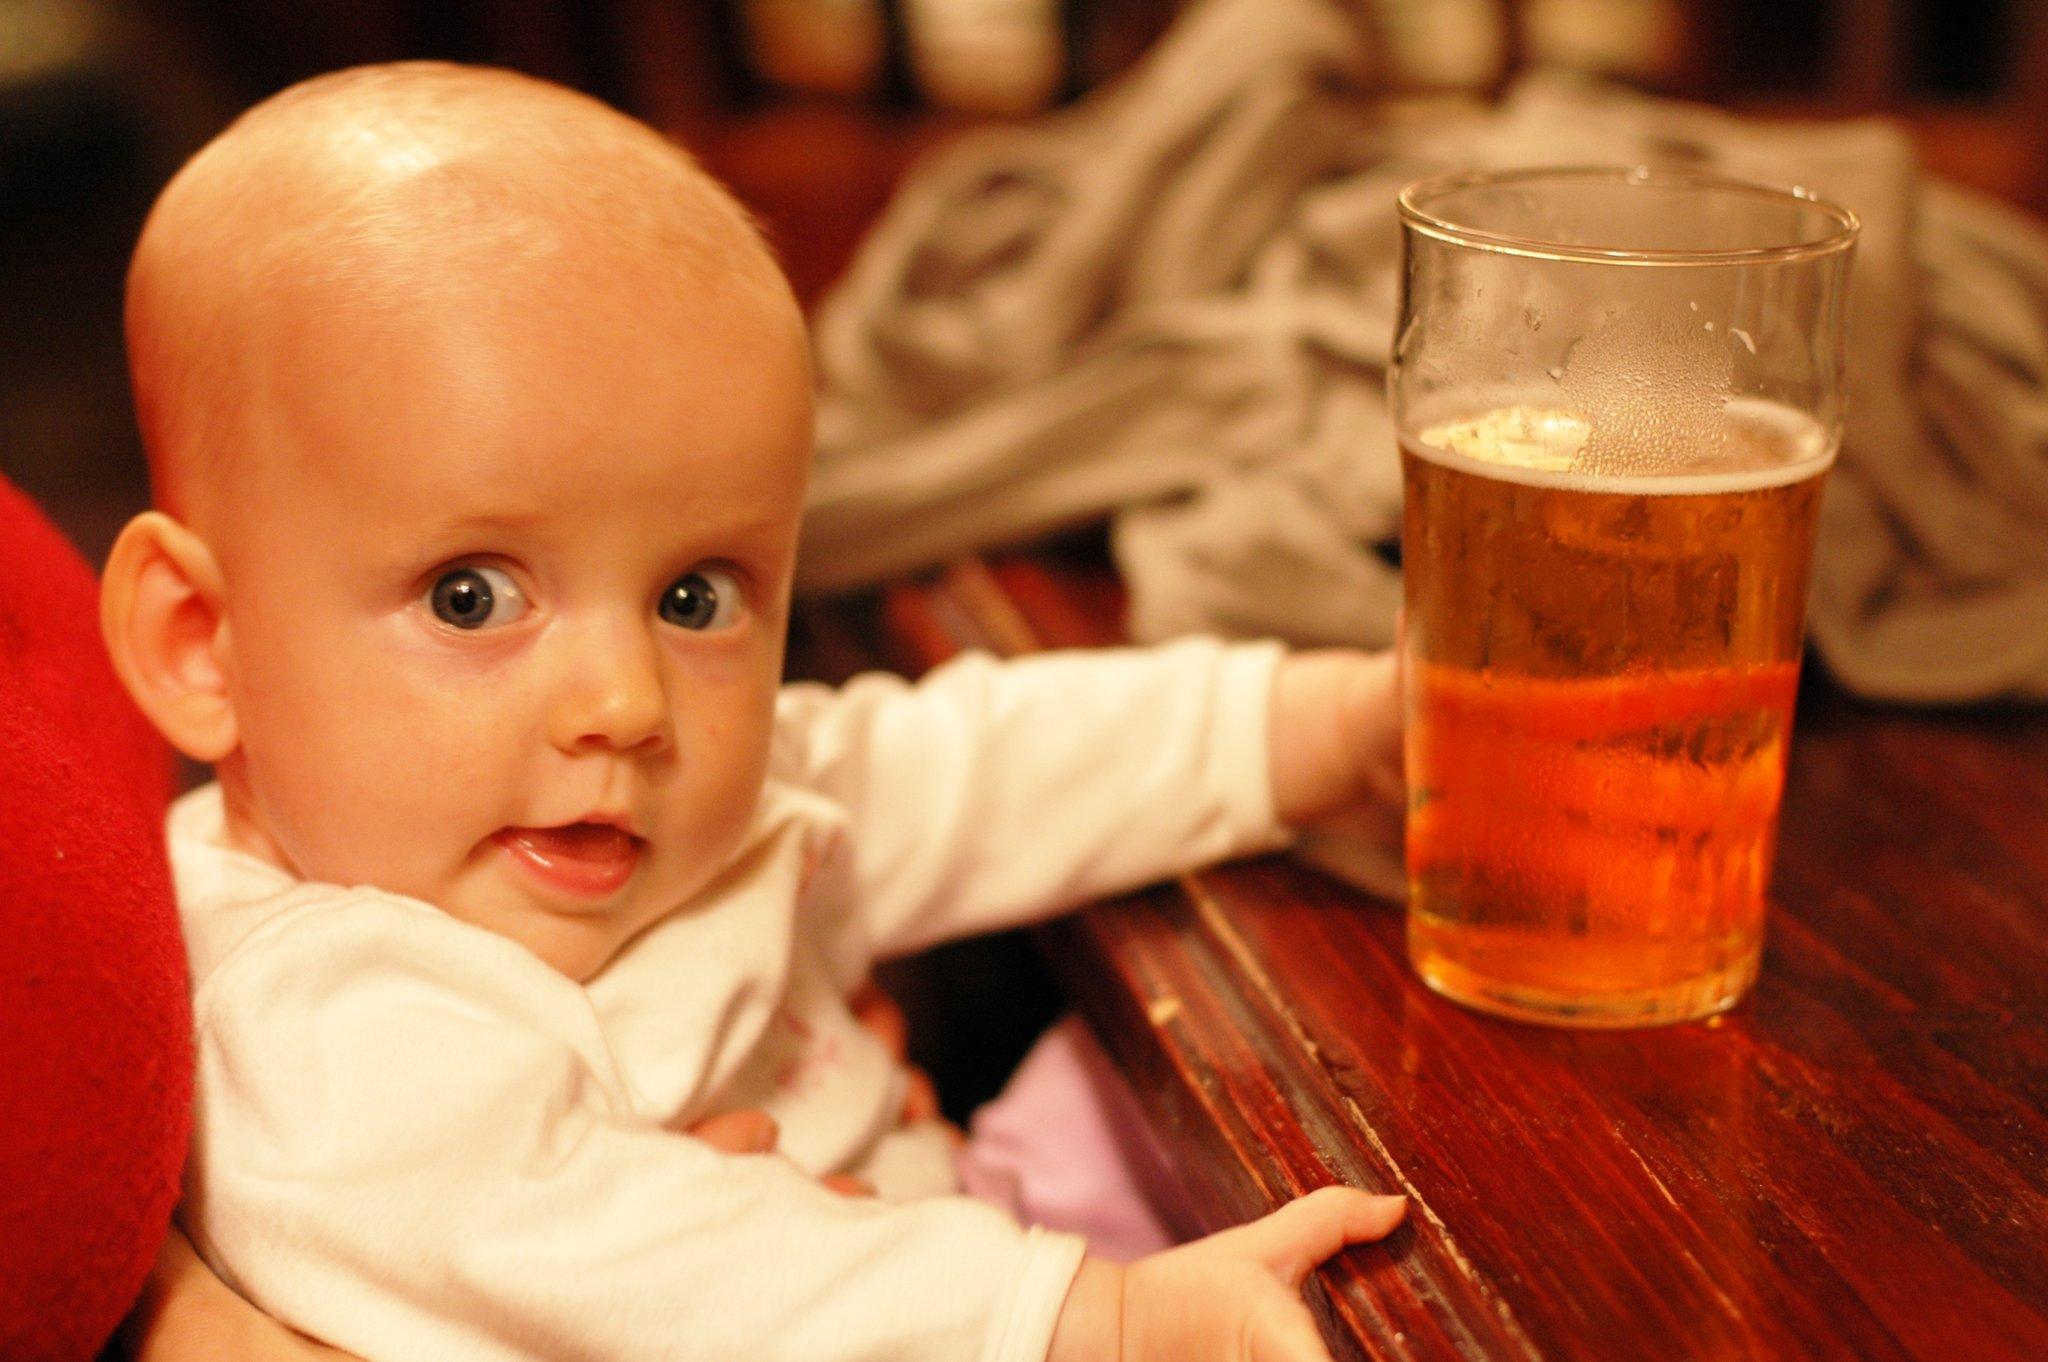 Что будет если выпить стакан пива кормящей маме